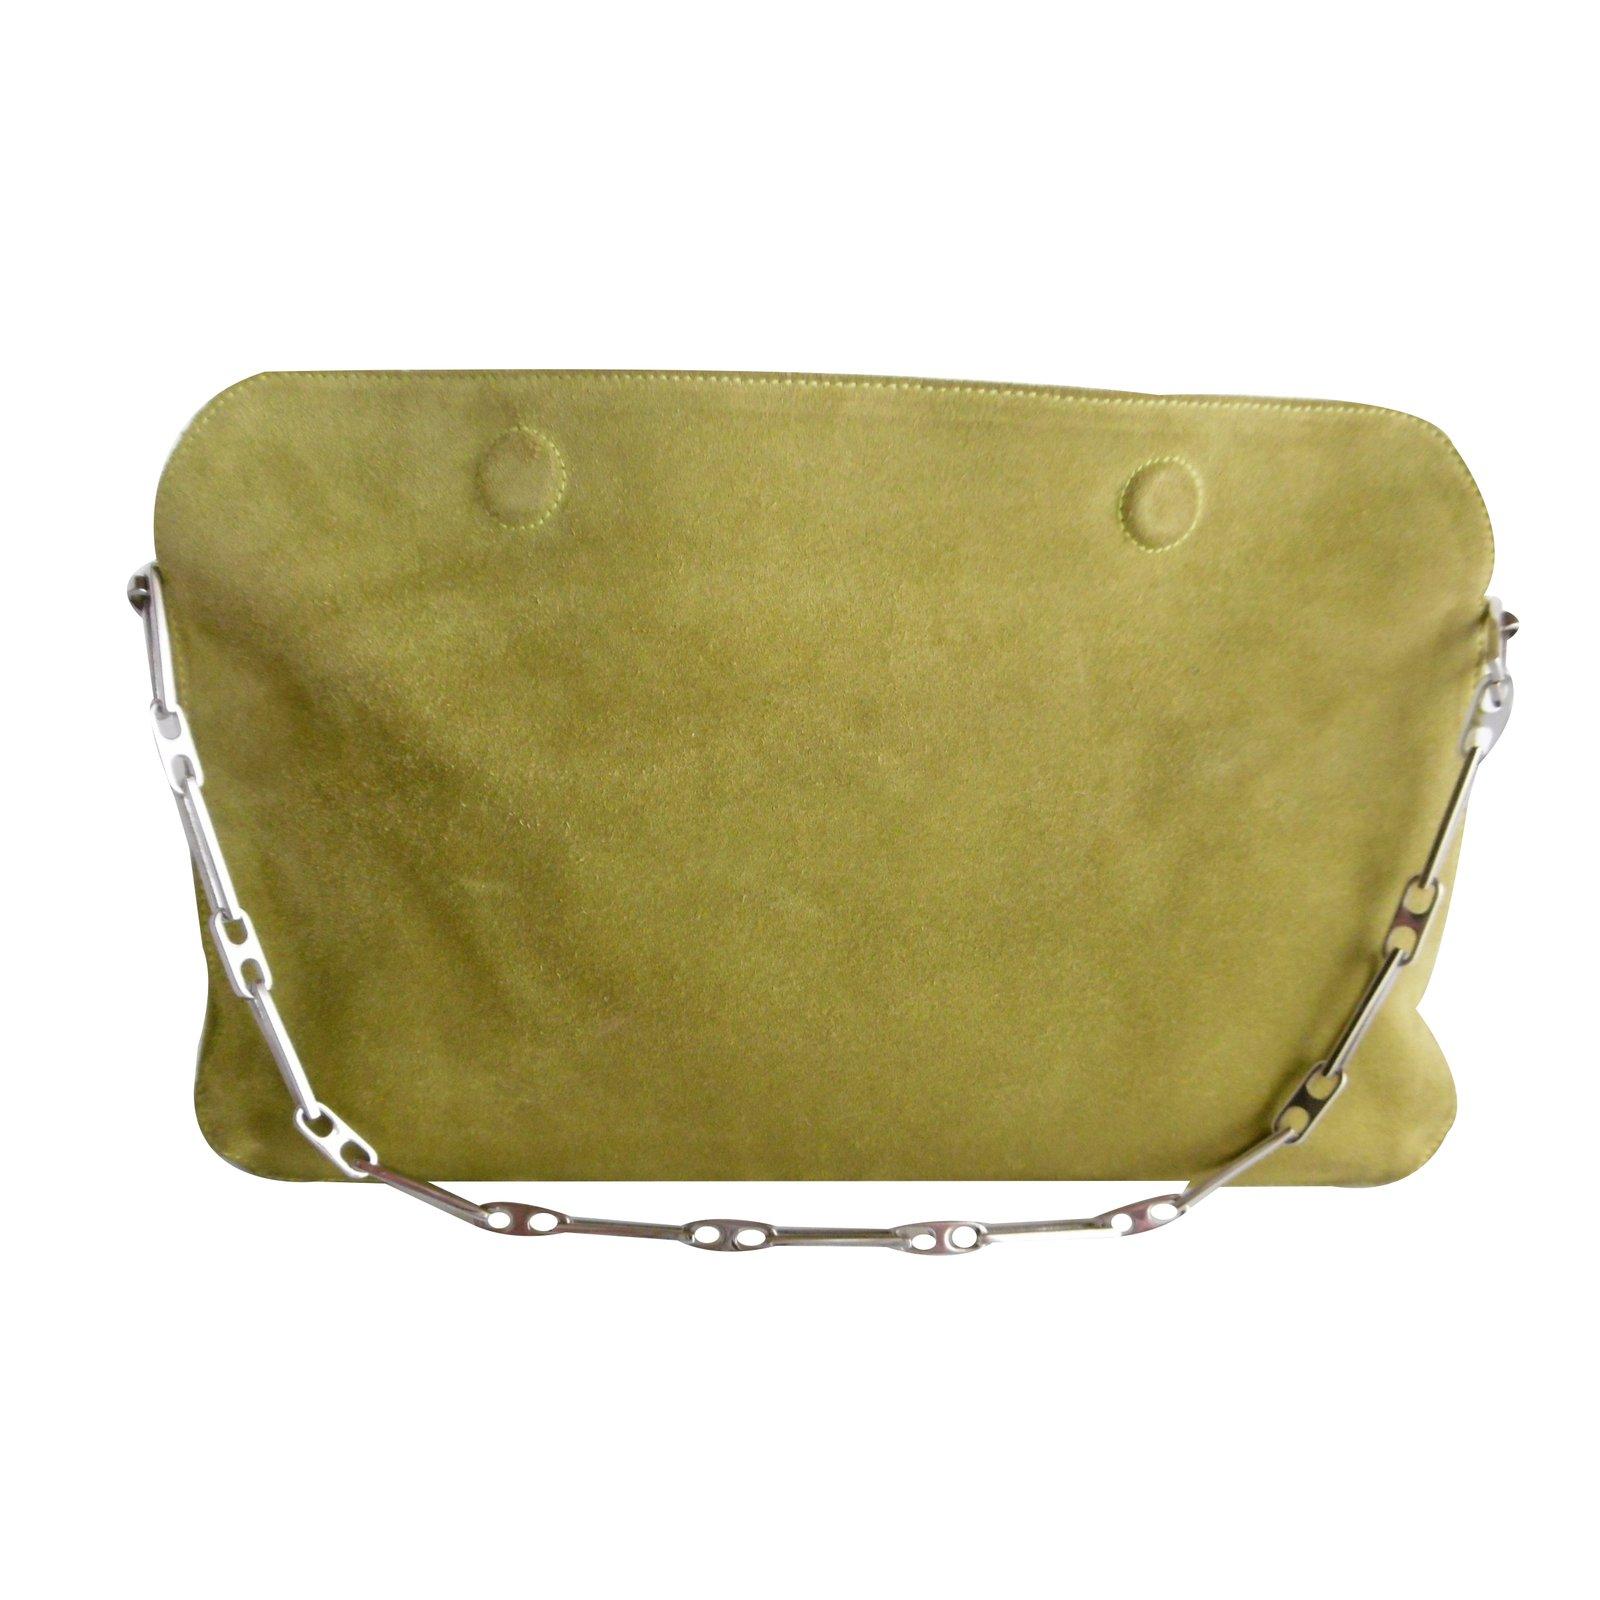 Nina Ricci Nina Ricci Rectangular Chain Suede Shoulder Bag ...